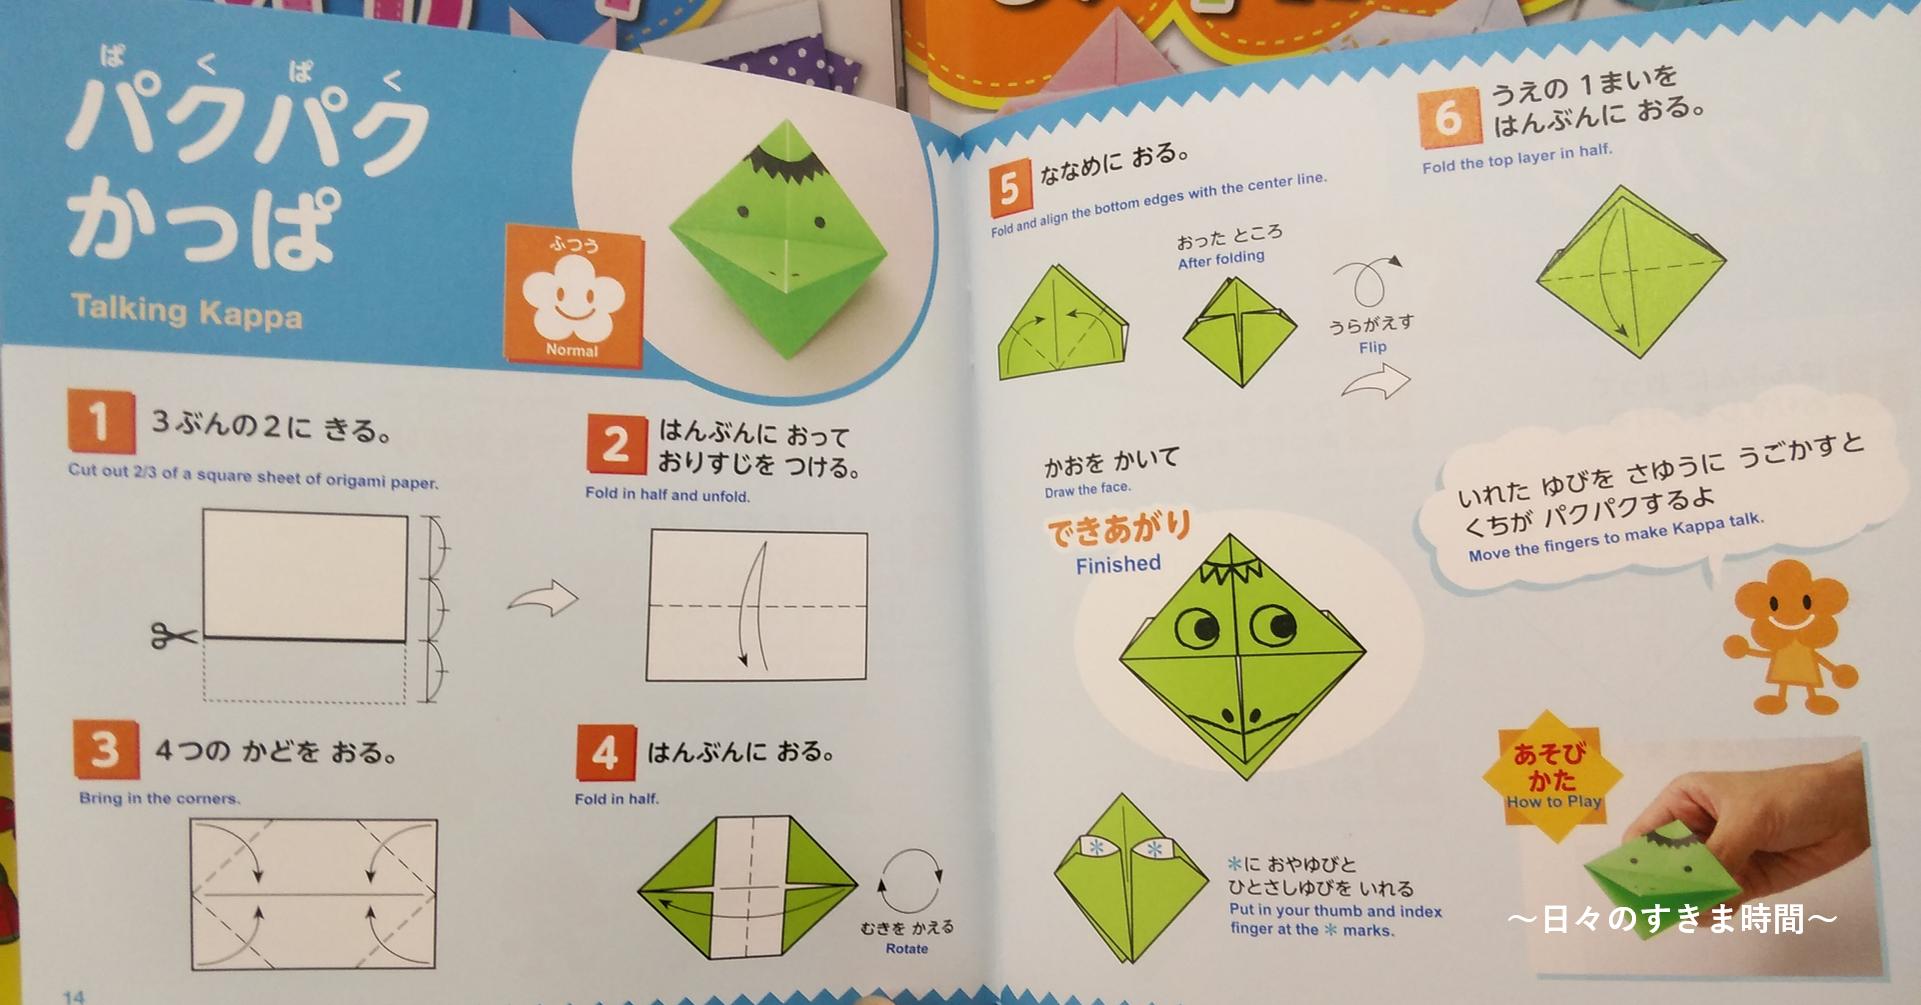 ダイソー折り紙英訳入り説明